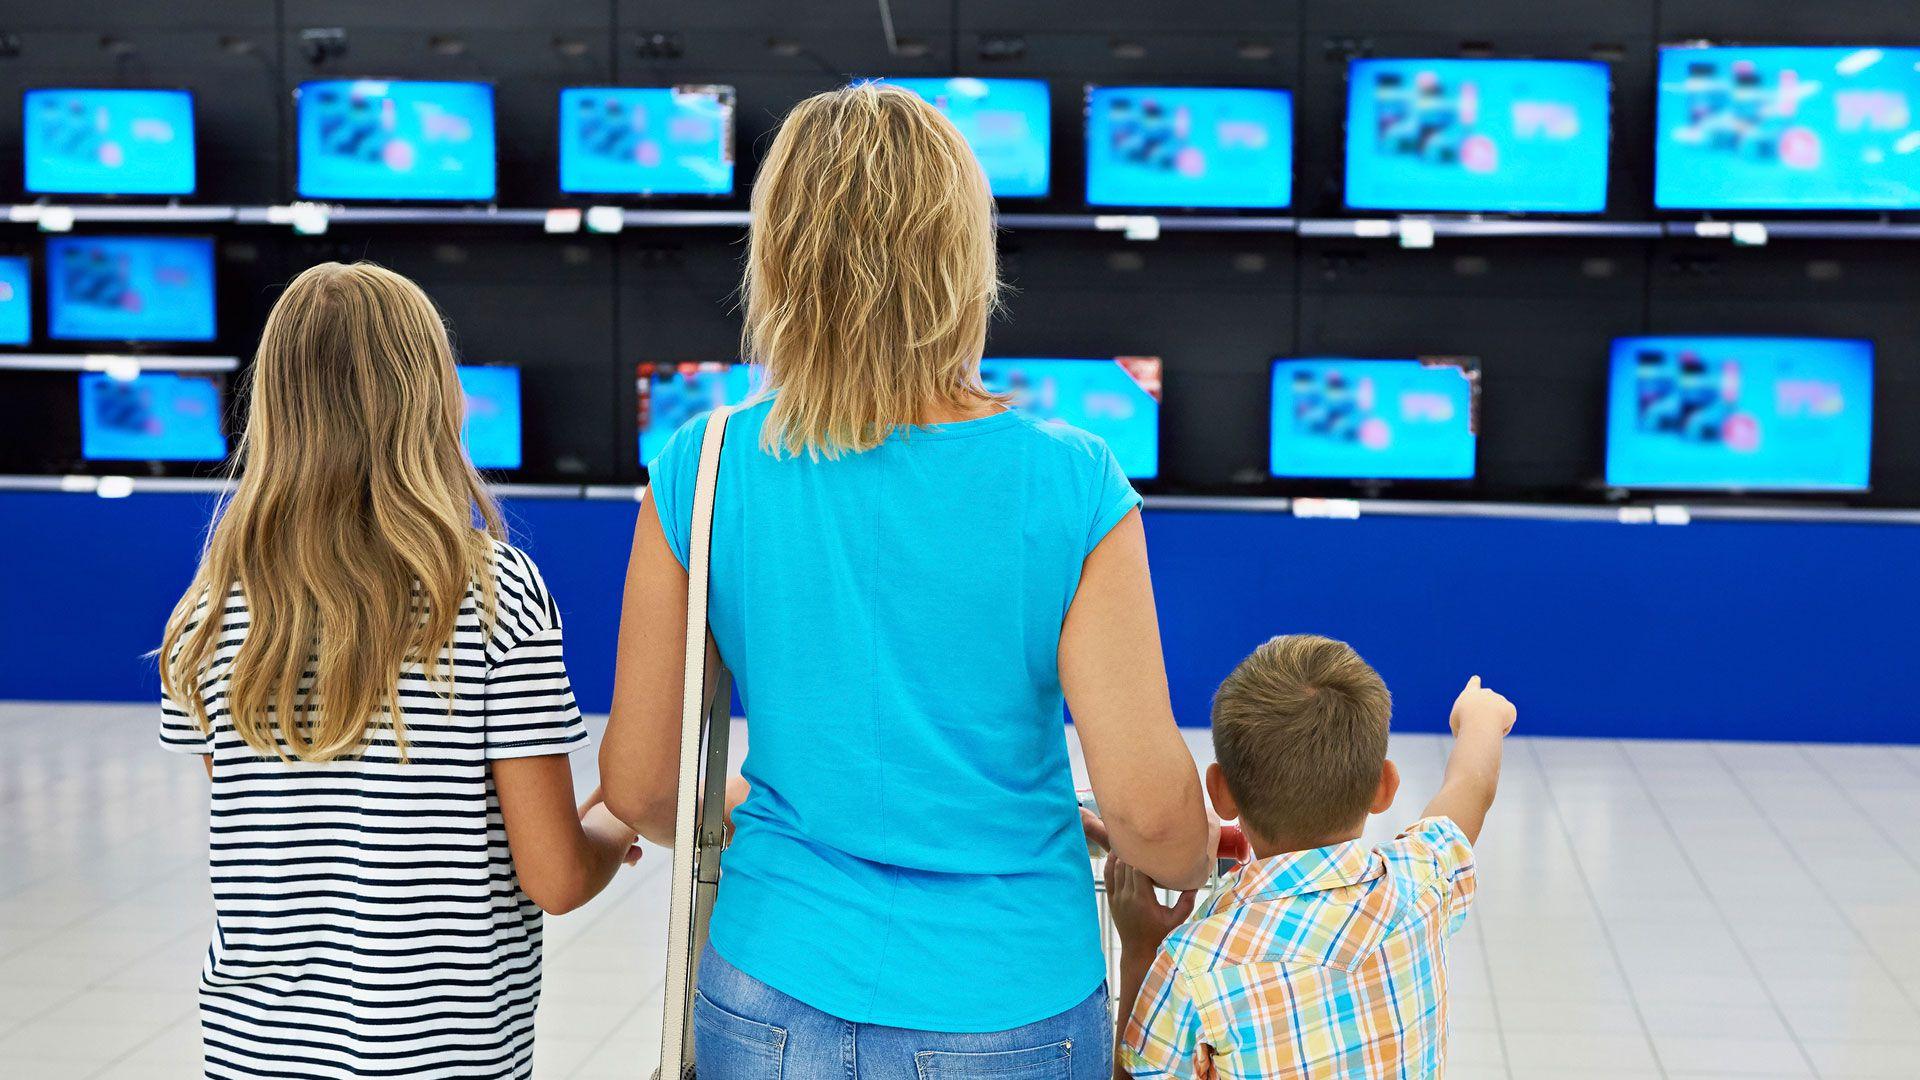 Los precios de los televisores treparon en torno al 50% desde marzo, impulsados por el dólar y la poca oferta